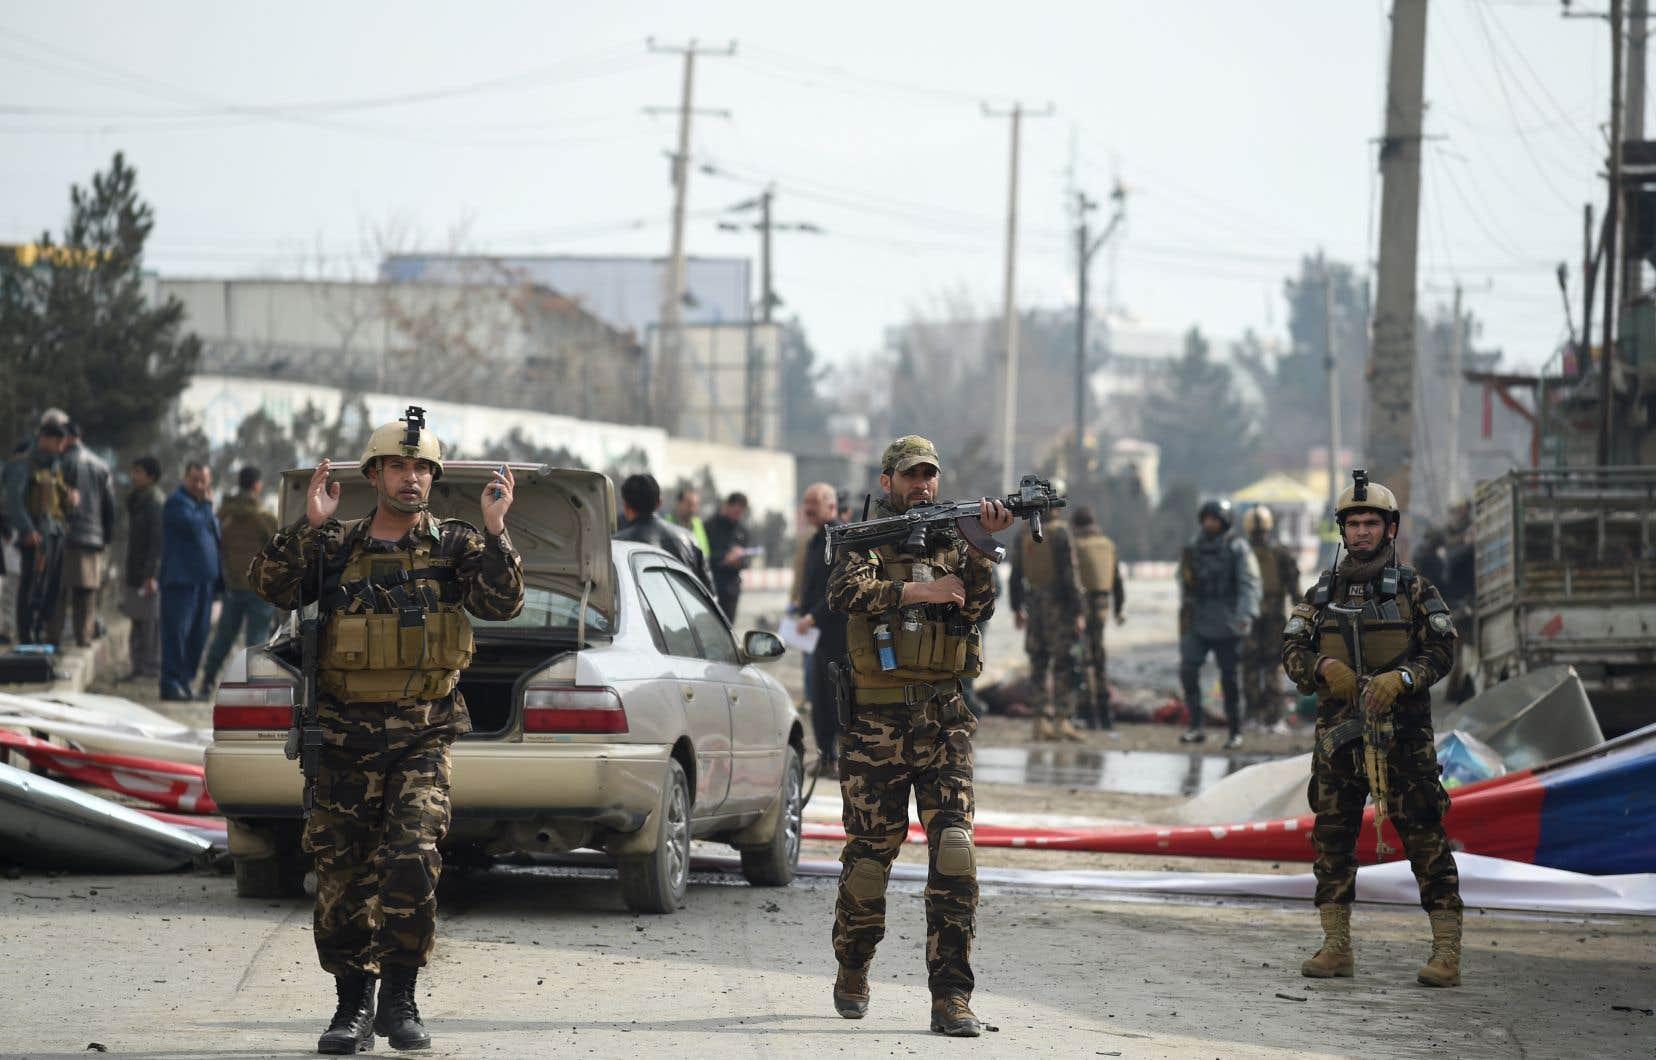 Il s'agit du premier incident violent enregistré dans Kaboul et visant des étrangers depuis l'offre de paix faite mercredi aux talibans par le président afghan.